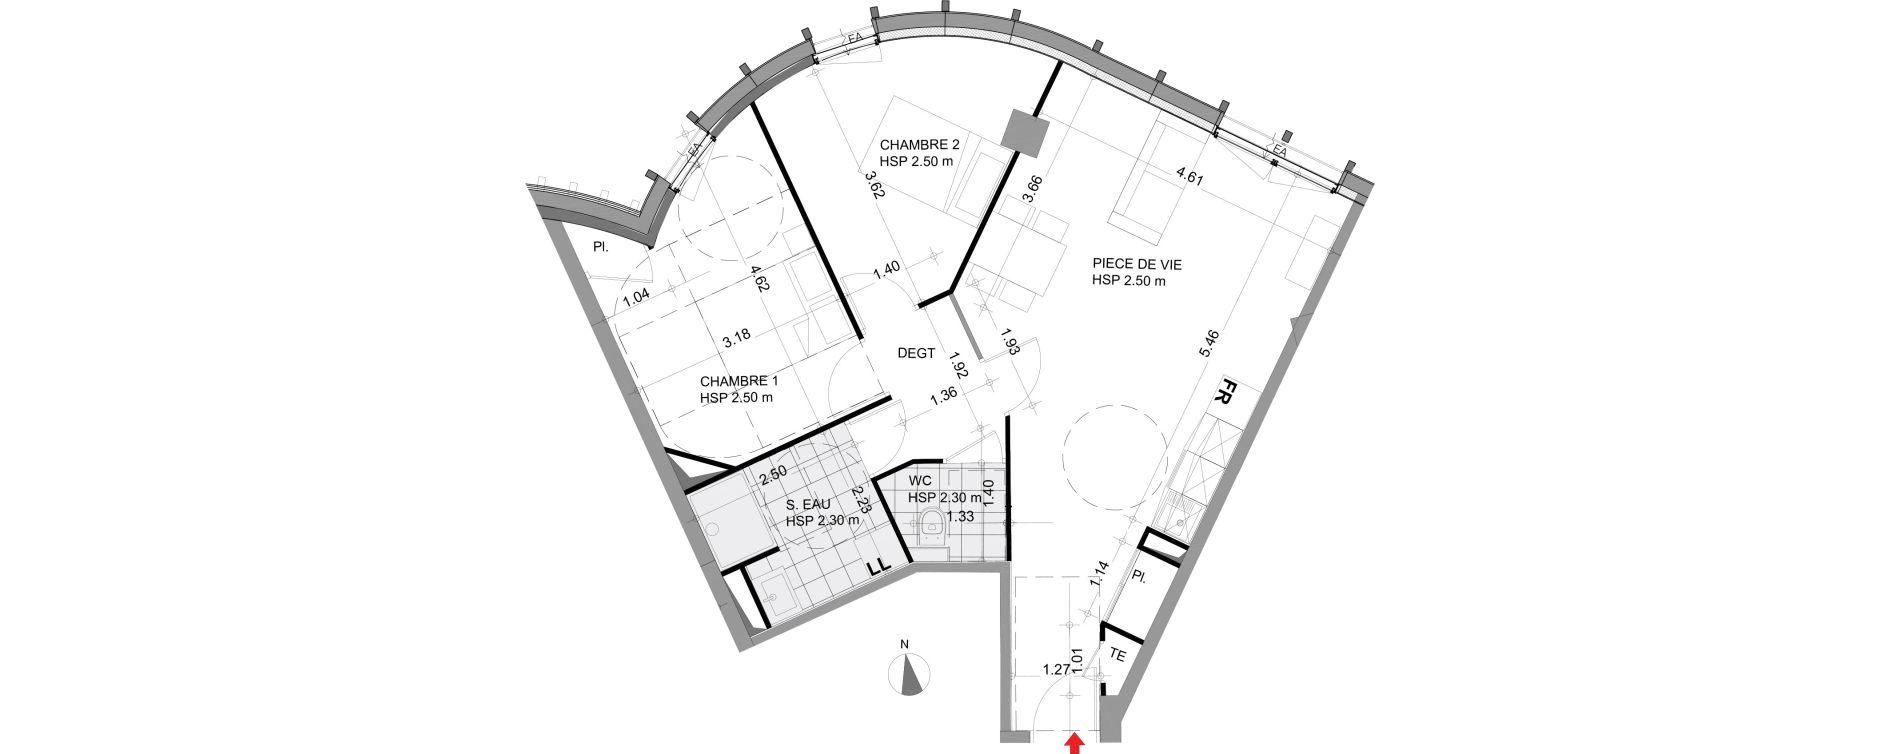 Appartement T3 meublé de 63,23 m2 à Angers Angers centre